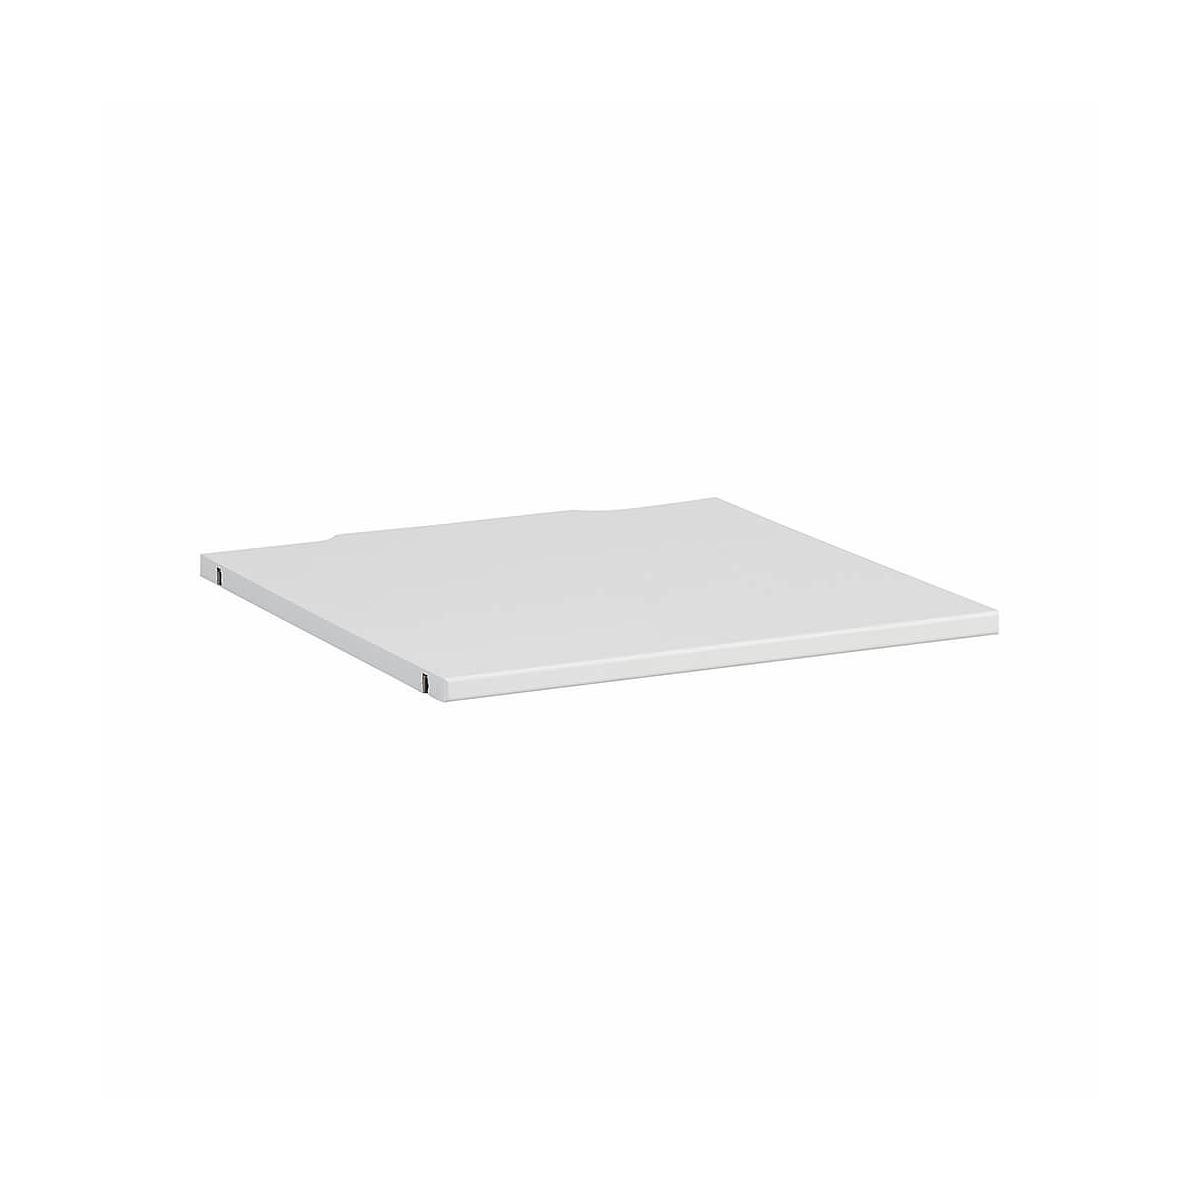 Étagère armoire 52x47cm Lifetime blanc